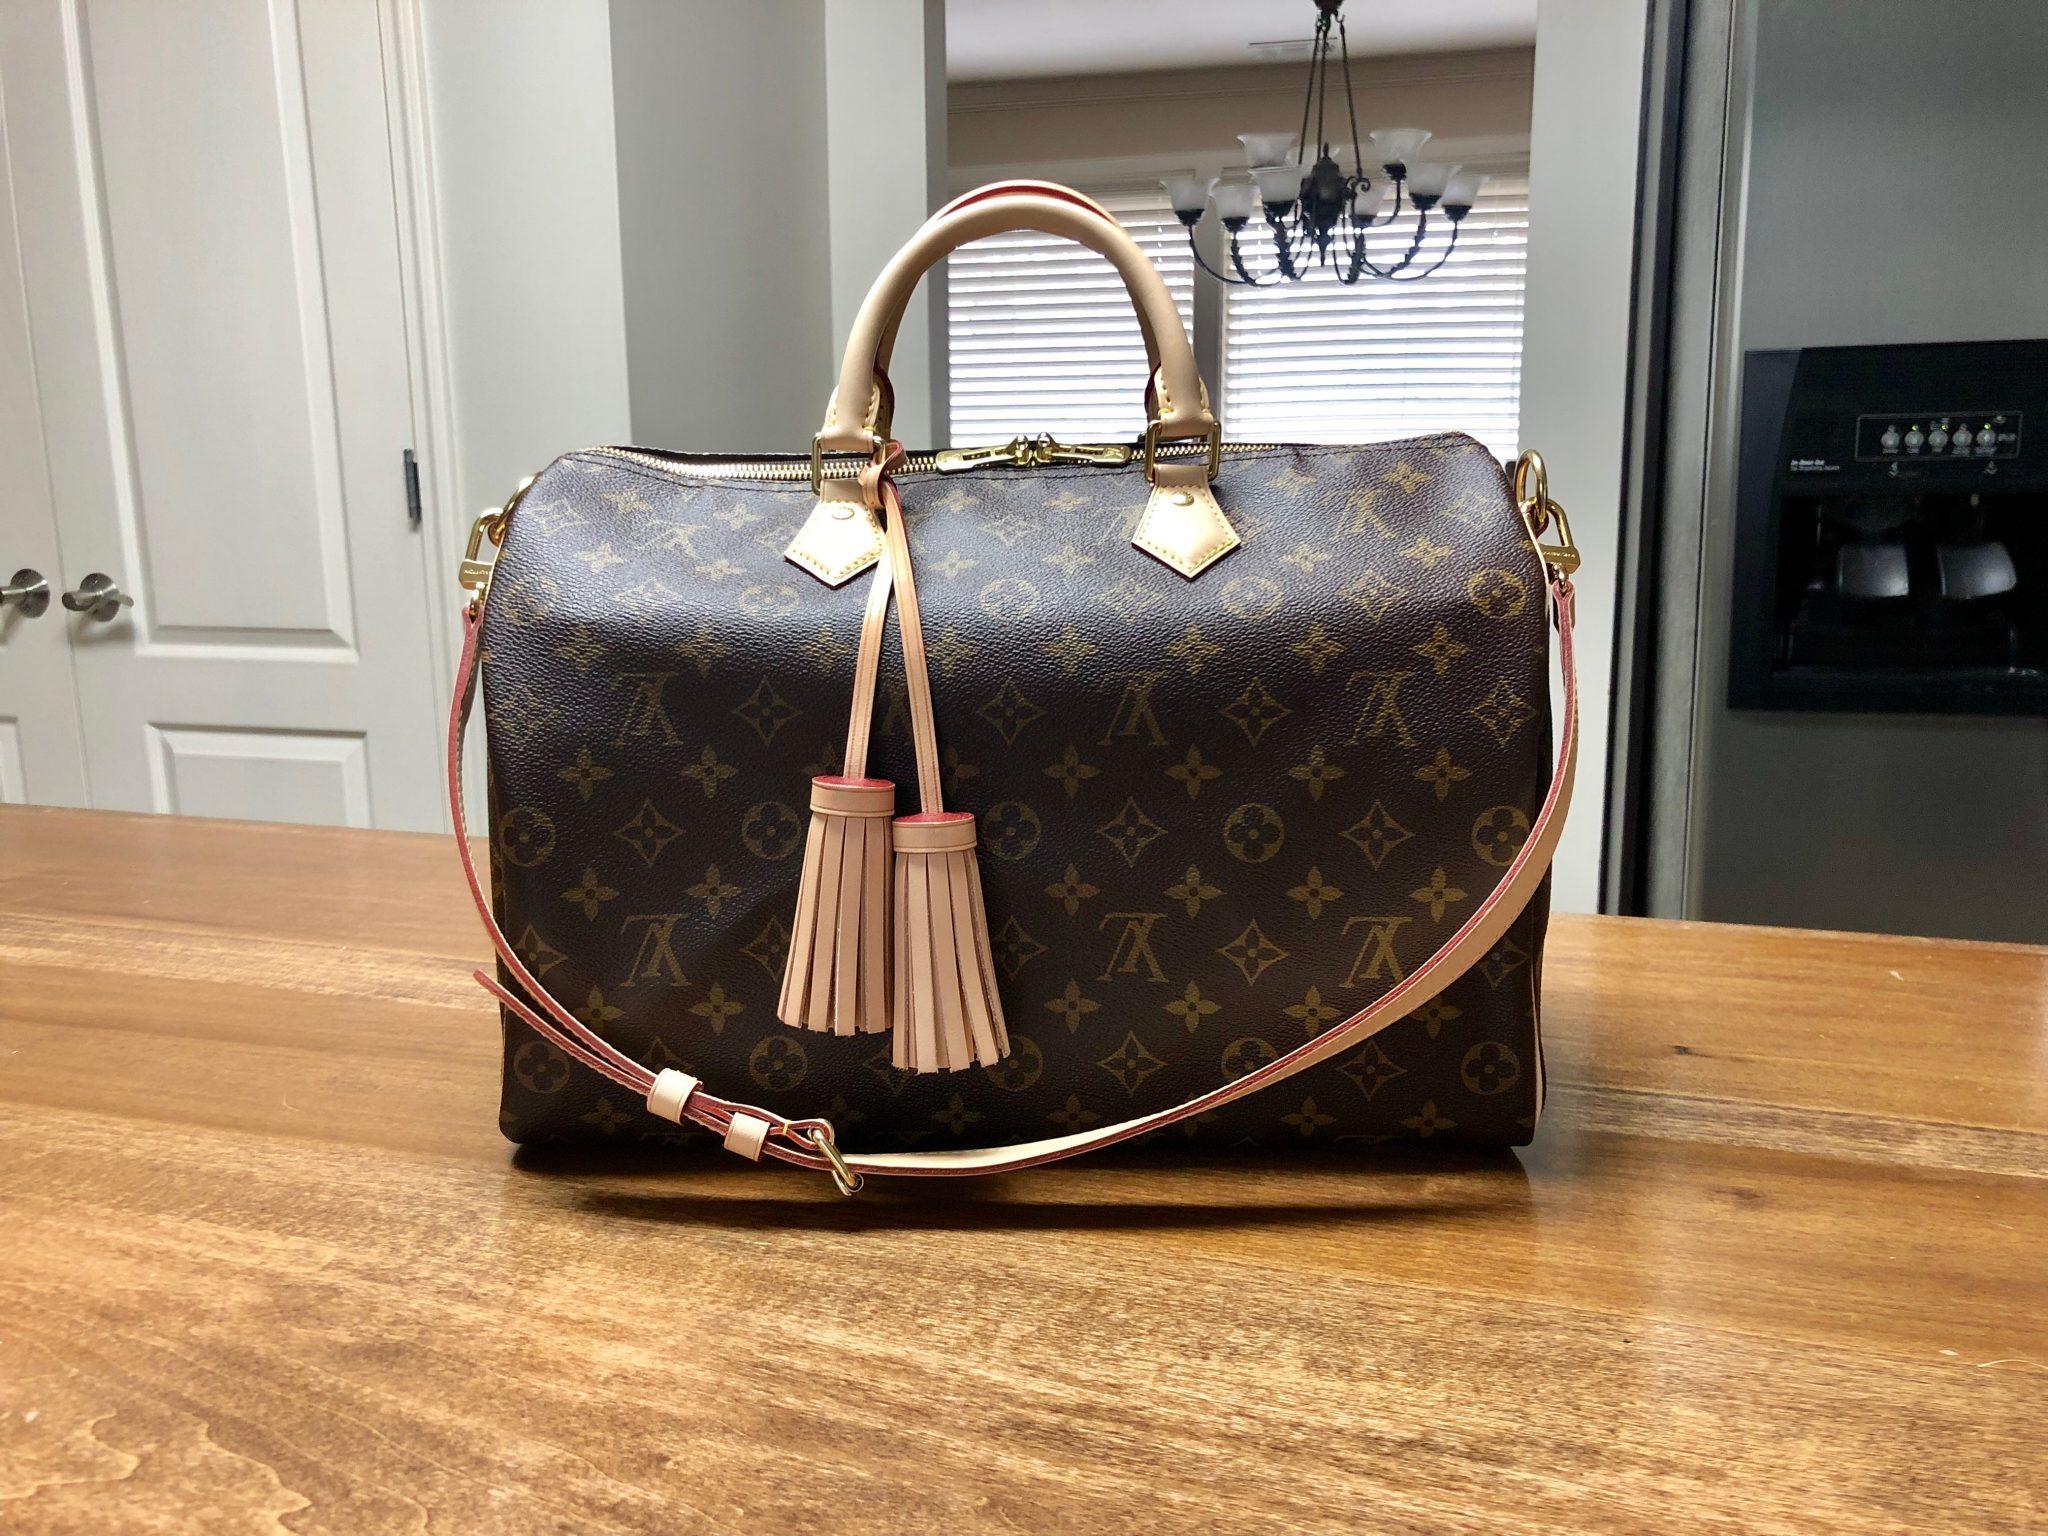 Accessories for Louis Vuitton Speedy